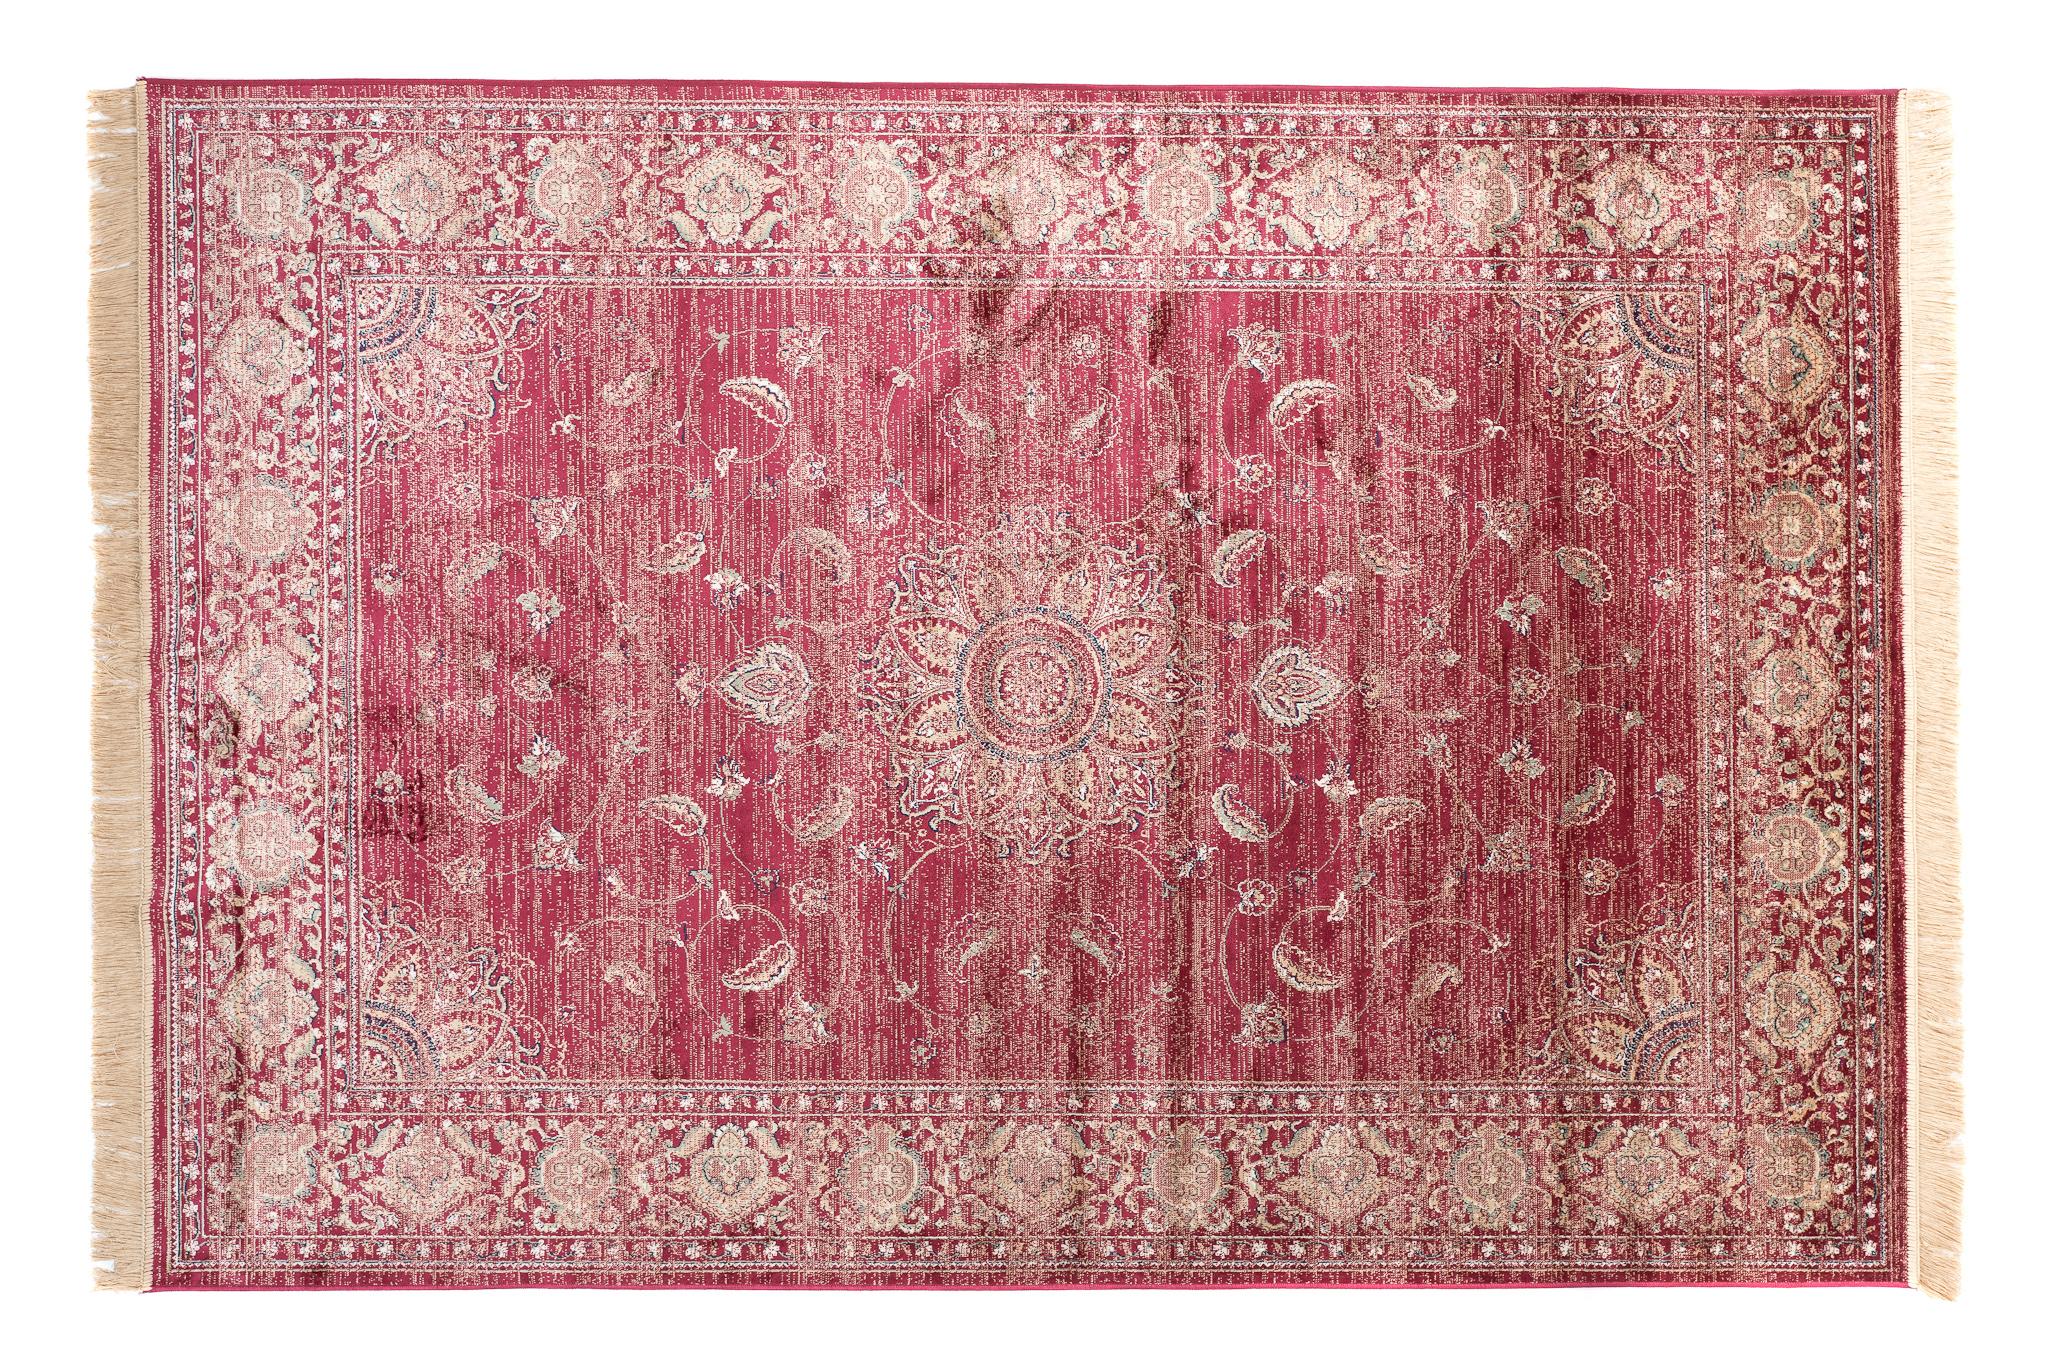 Dywan tradycyjny Isphahan 84281/43 czerwony